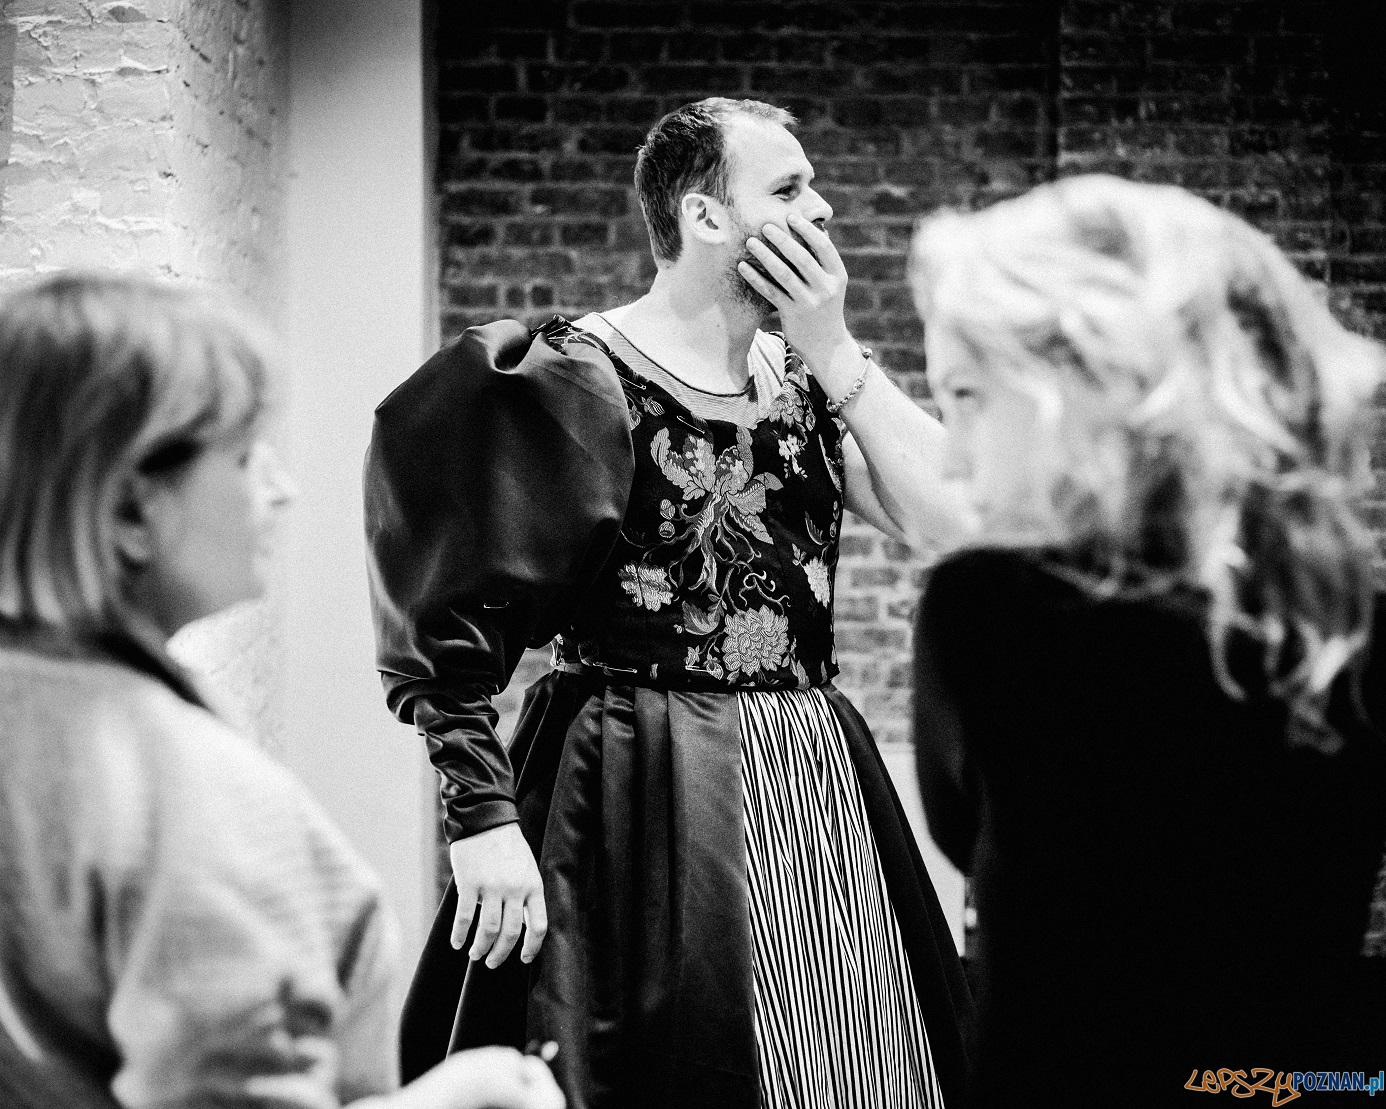 Śluby Panieńskie - Teatr Polski  Foto: Marek Zakrzewski / materiały promocyjne Teatru Polskiego